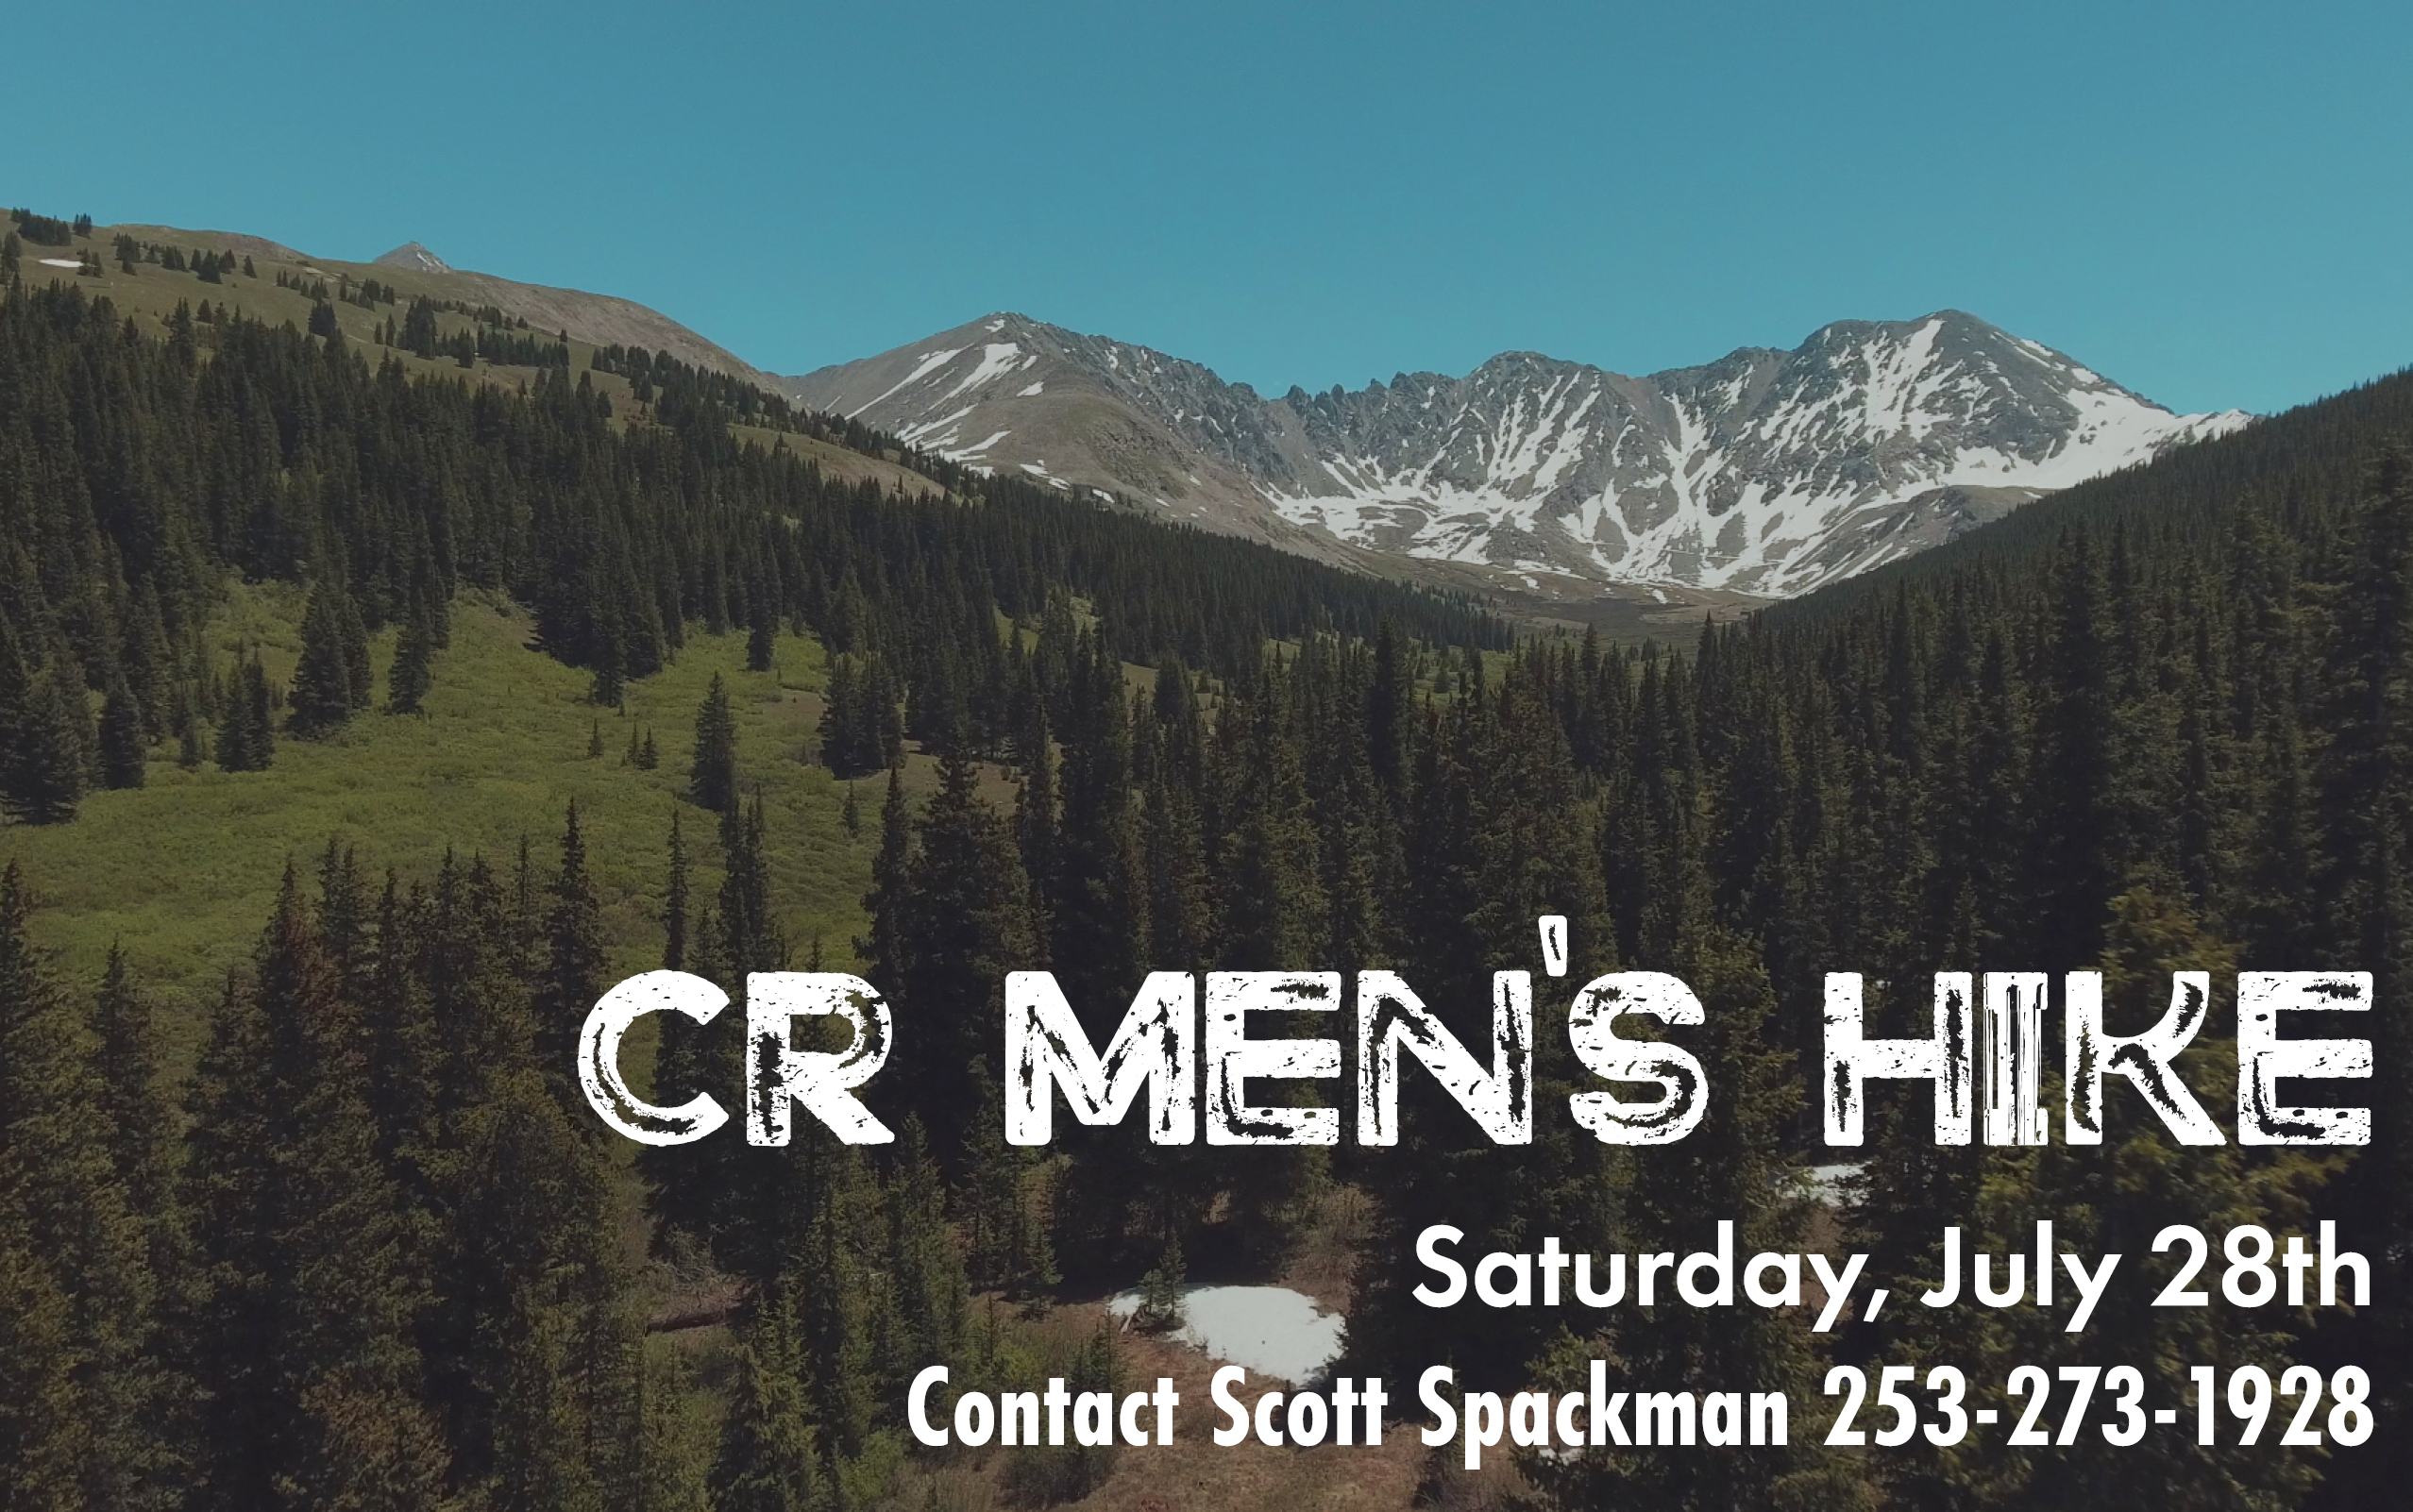 Cr men s hike